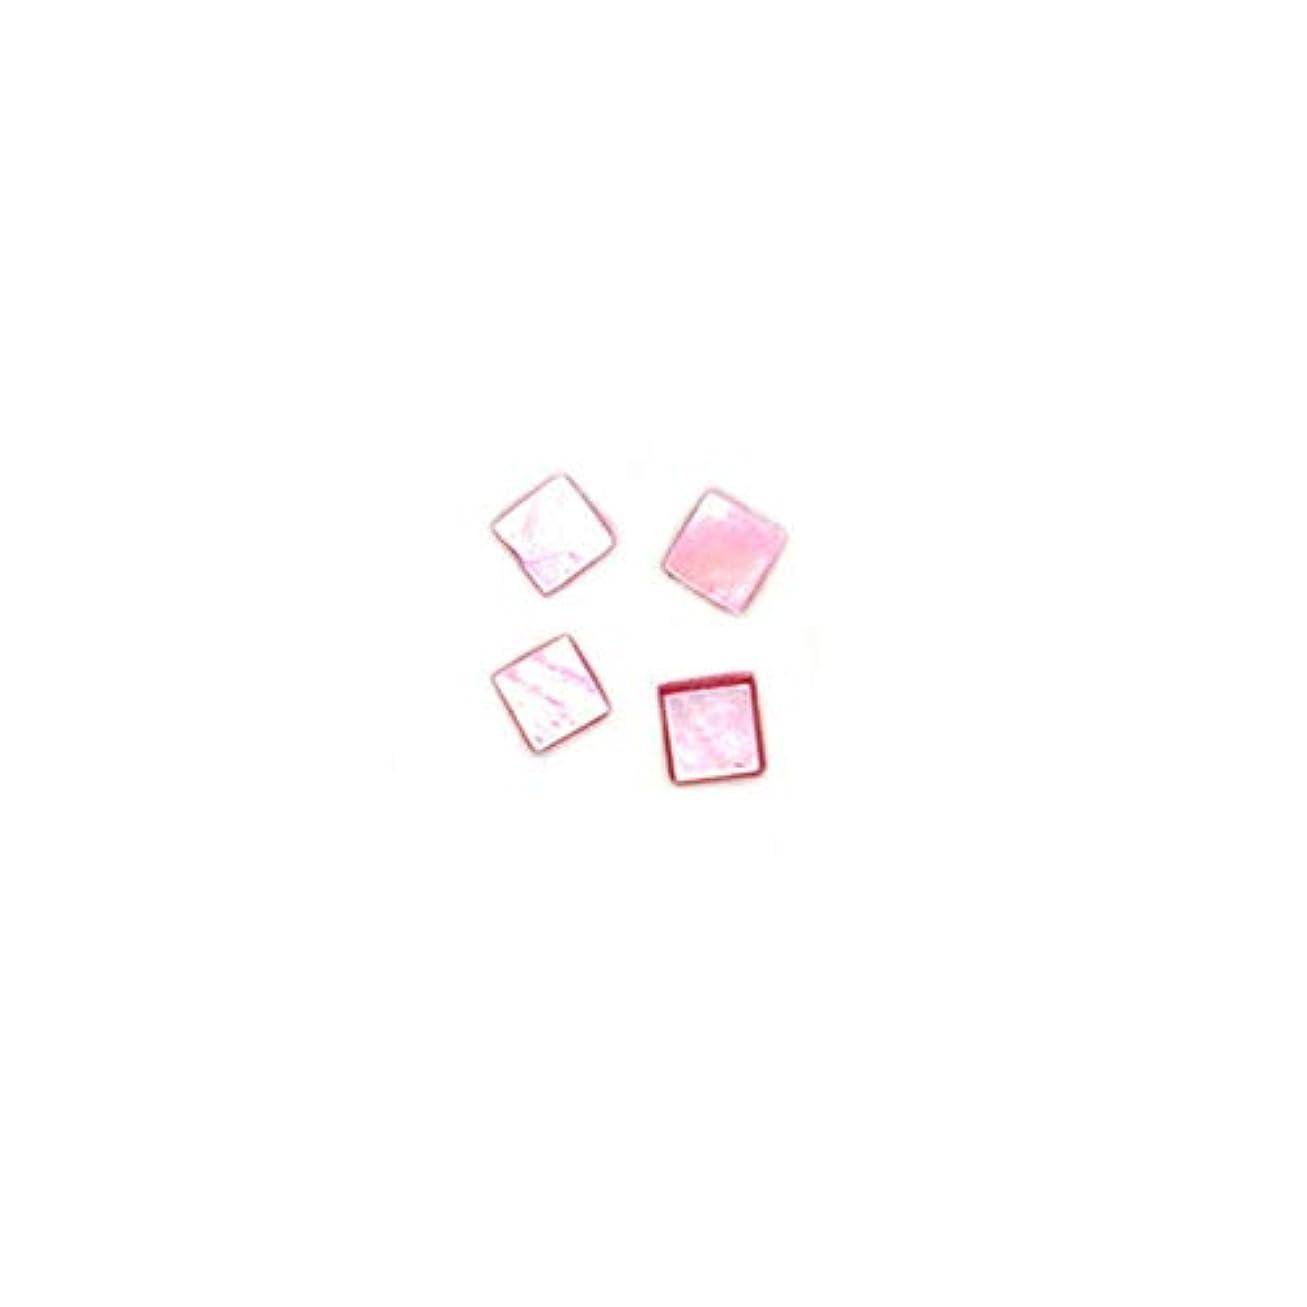 彼らの印象昼食irogel イロジェル ネイルアート カラーシェルプレート シェルパーツ 【タイプA ピンク】